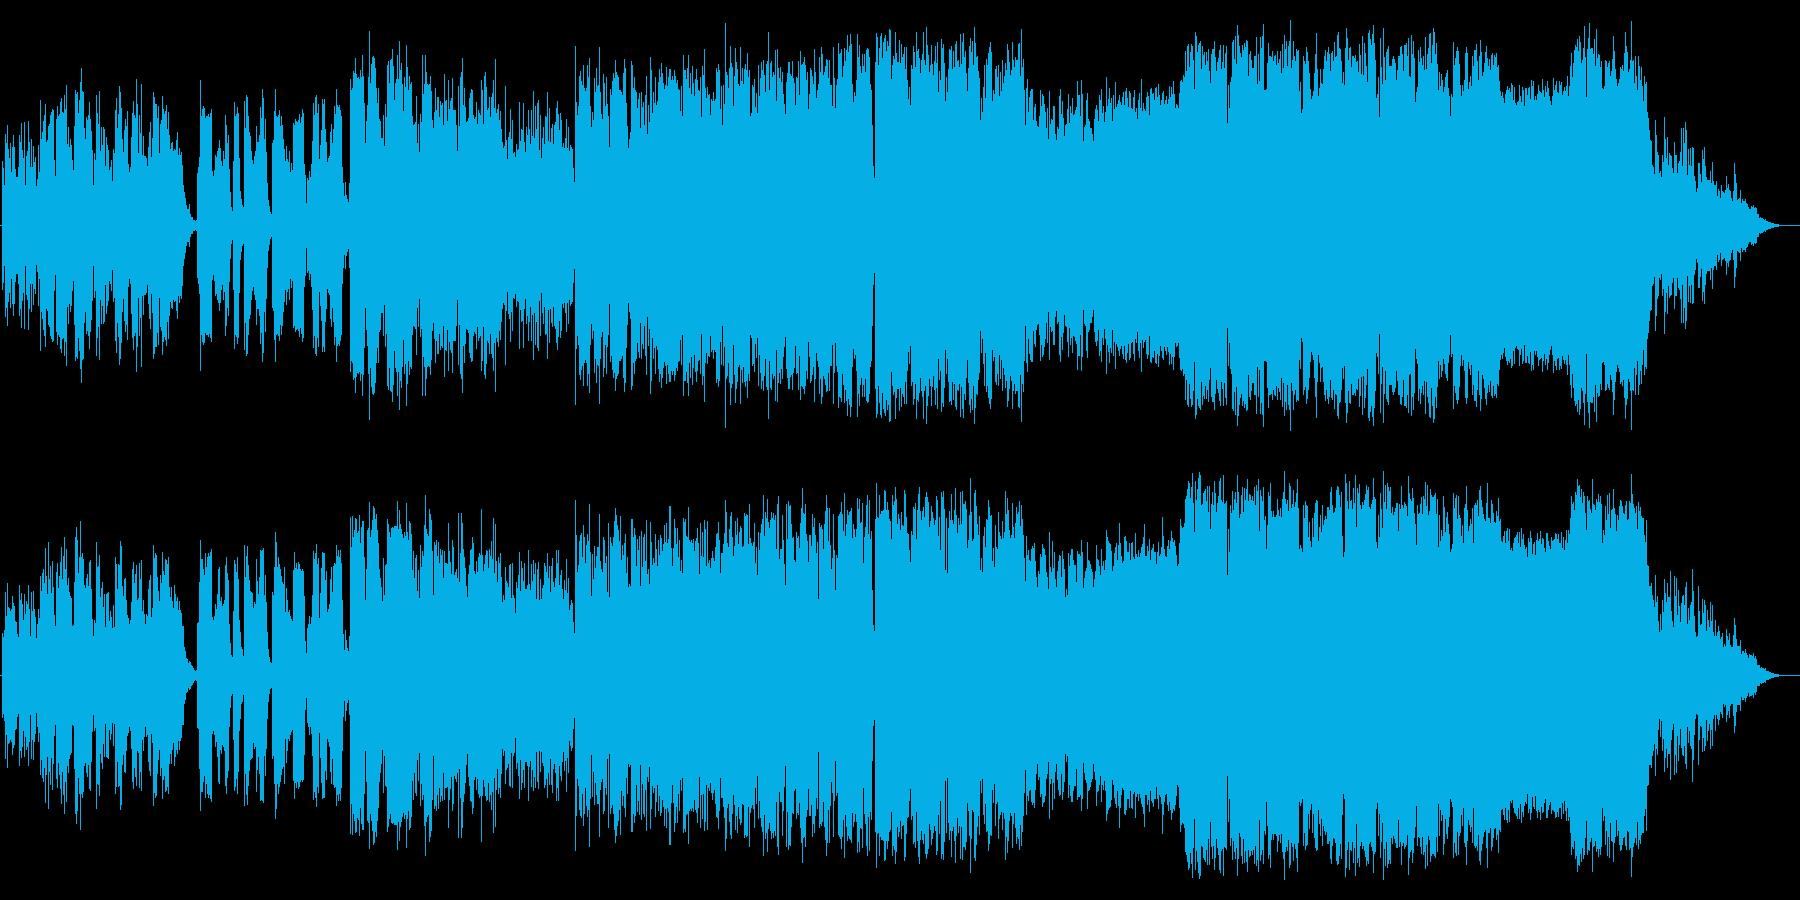 去らば去れの再生済みの波形